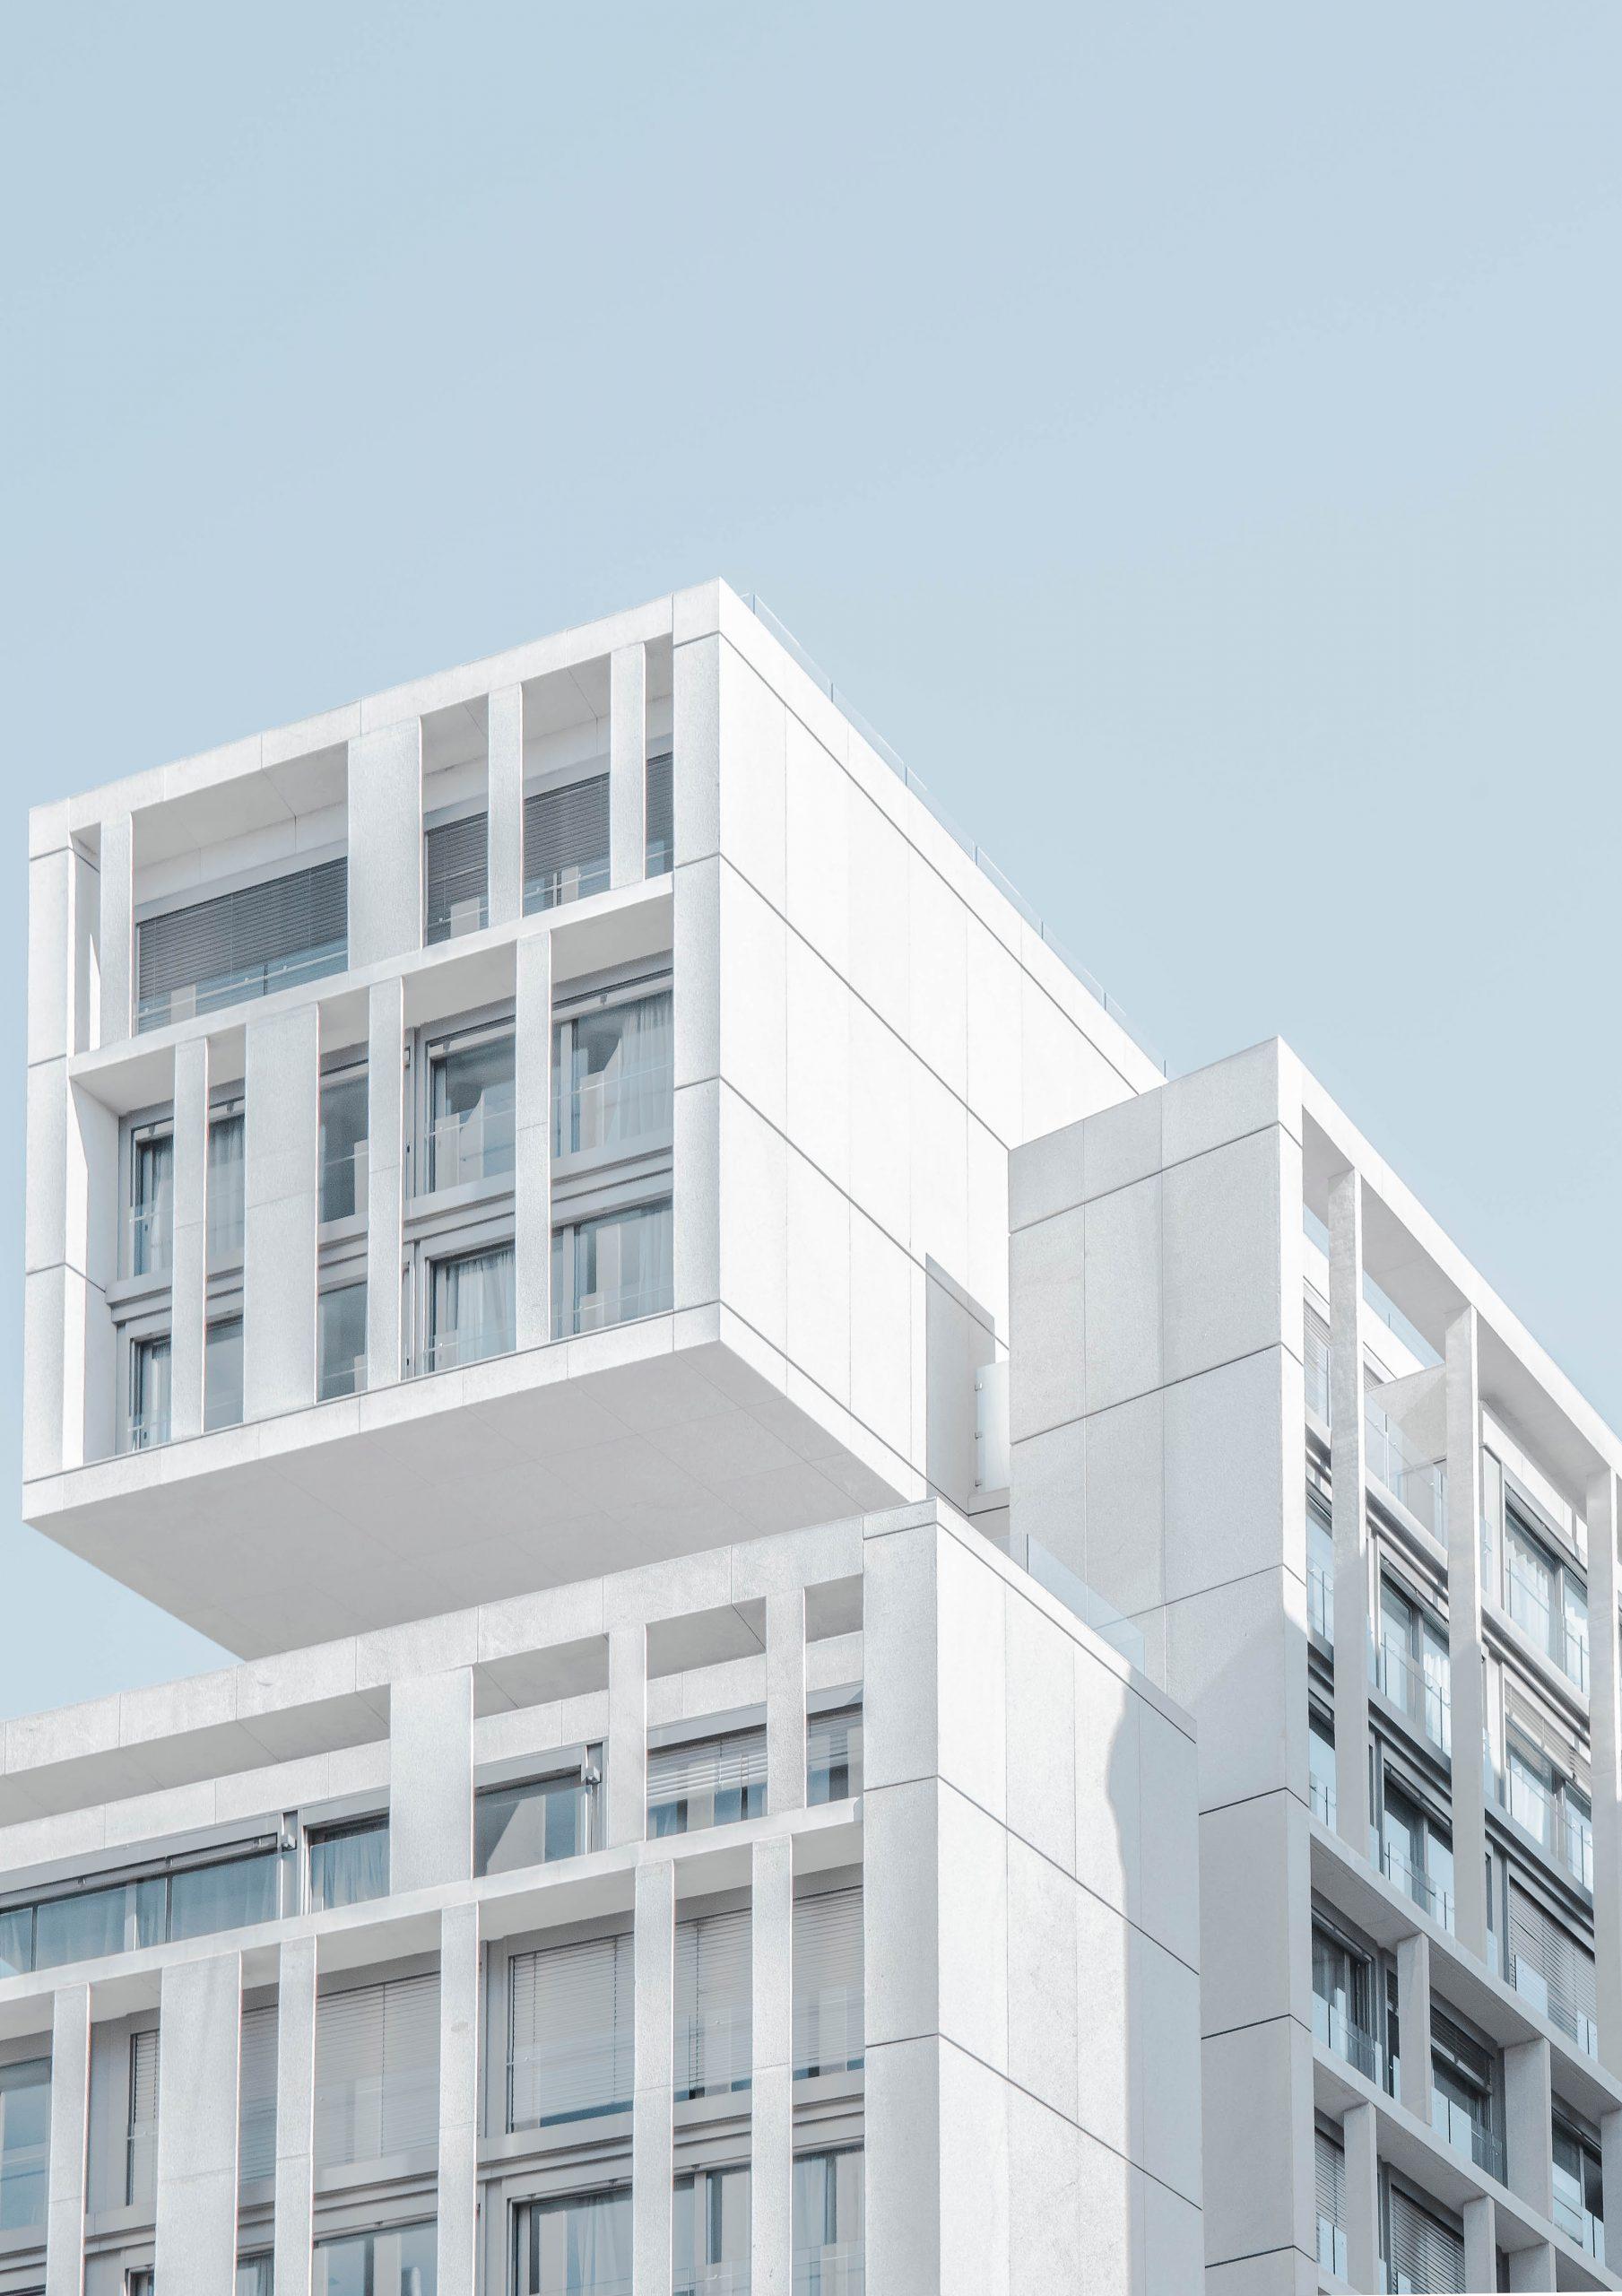 Makelaar Zoetermeer geeft uitgebreid advies over hypotheken